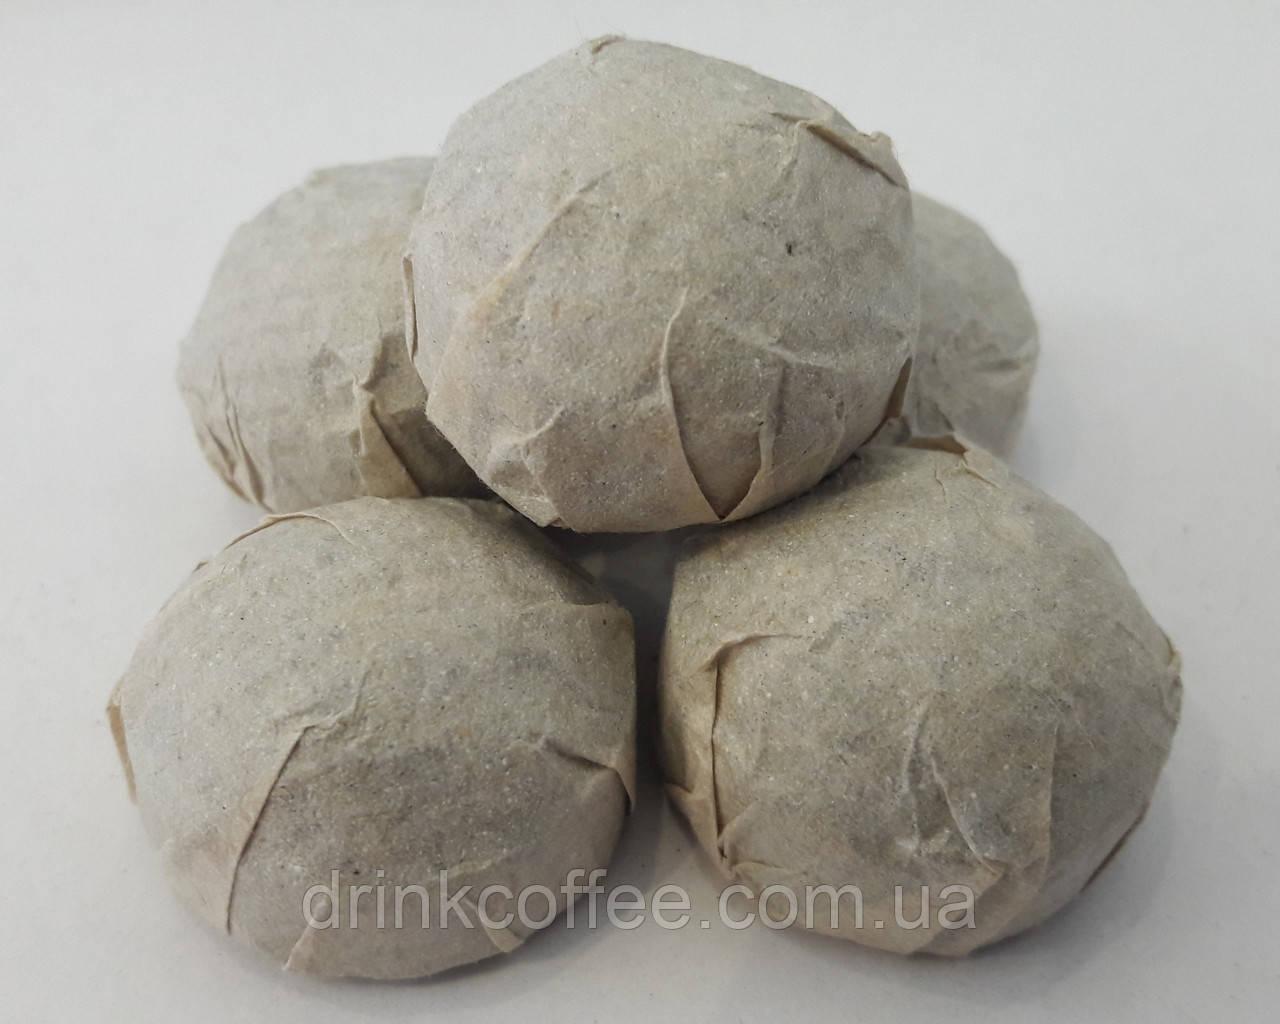 Чай черный Мини Туо Ча, 250g